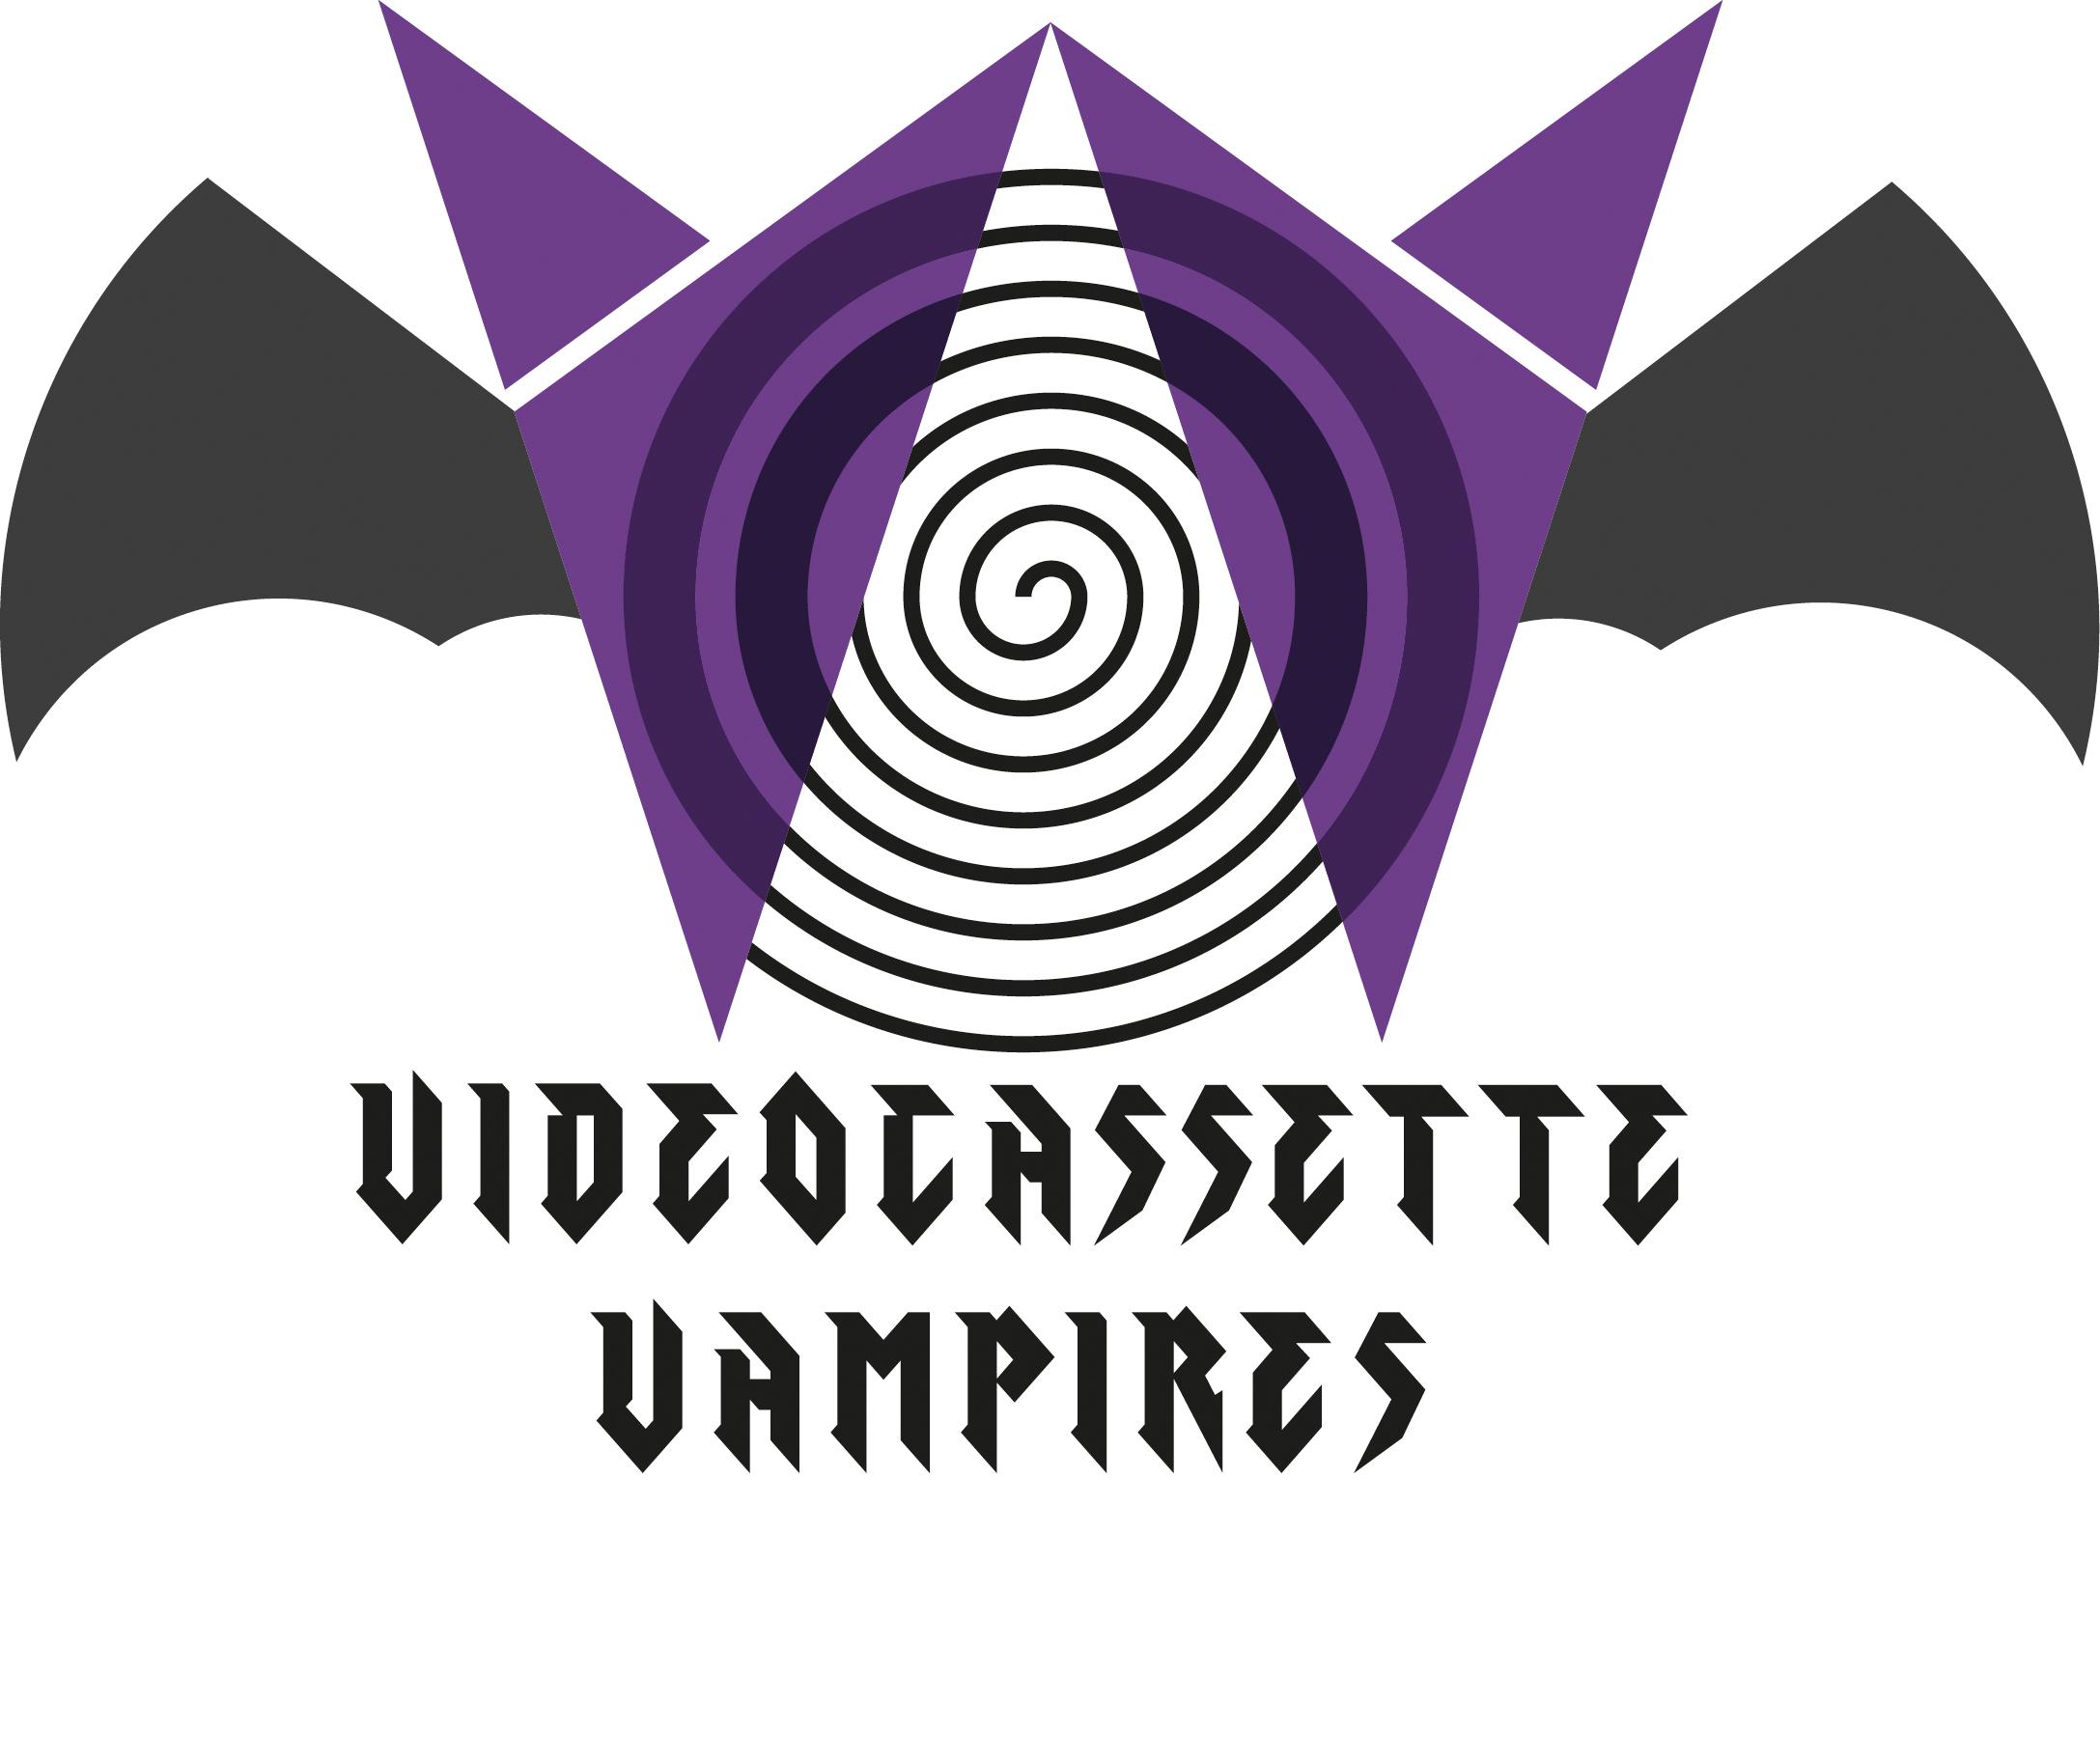 Videocassette Vampires